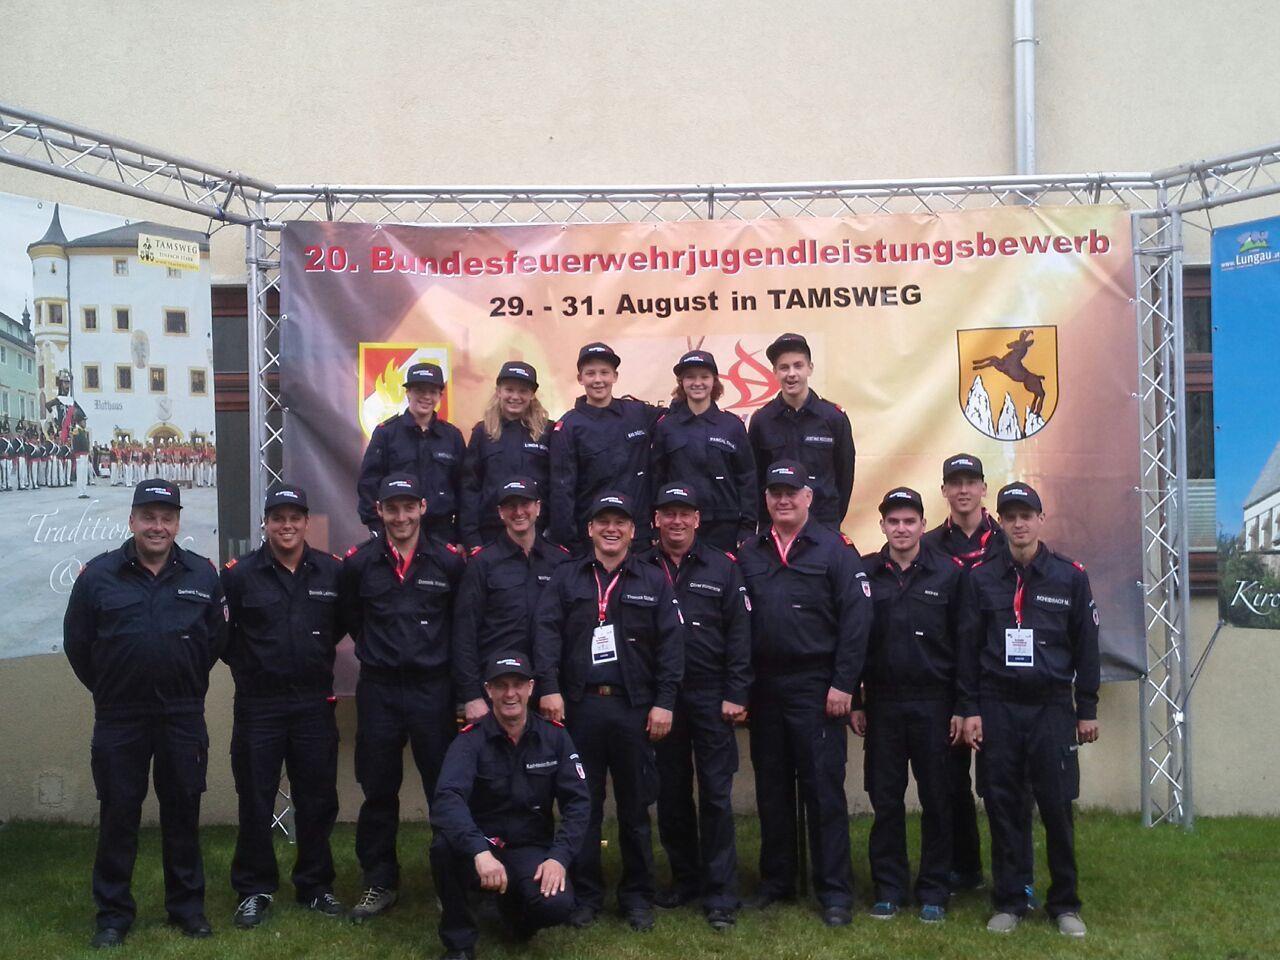 Feuerwehrjugend Gisingen bei den Bundesfeuerwehrjugendleistungsbewerben in Salzburg.